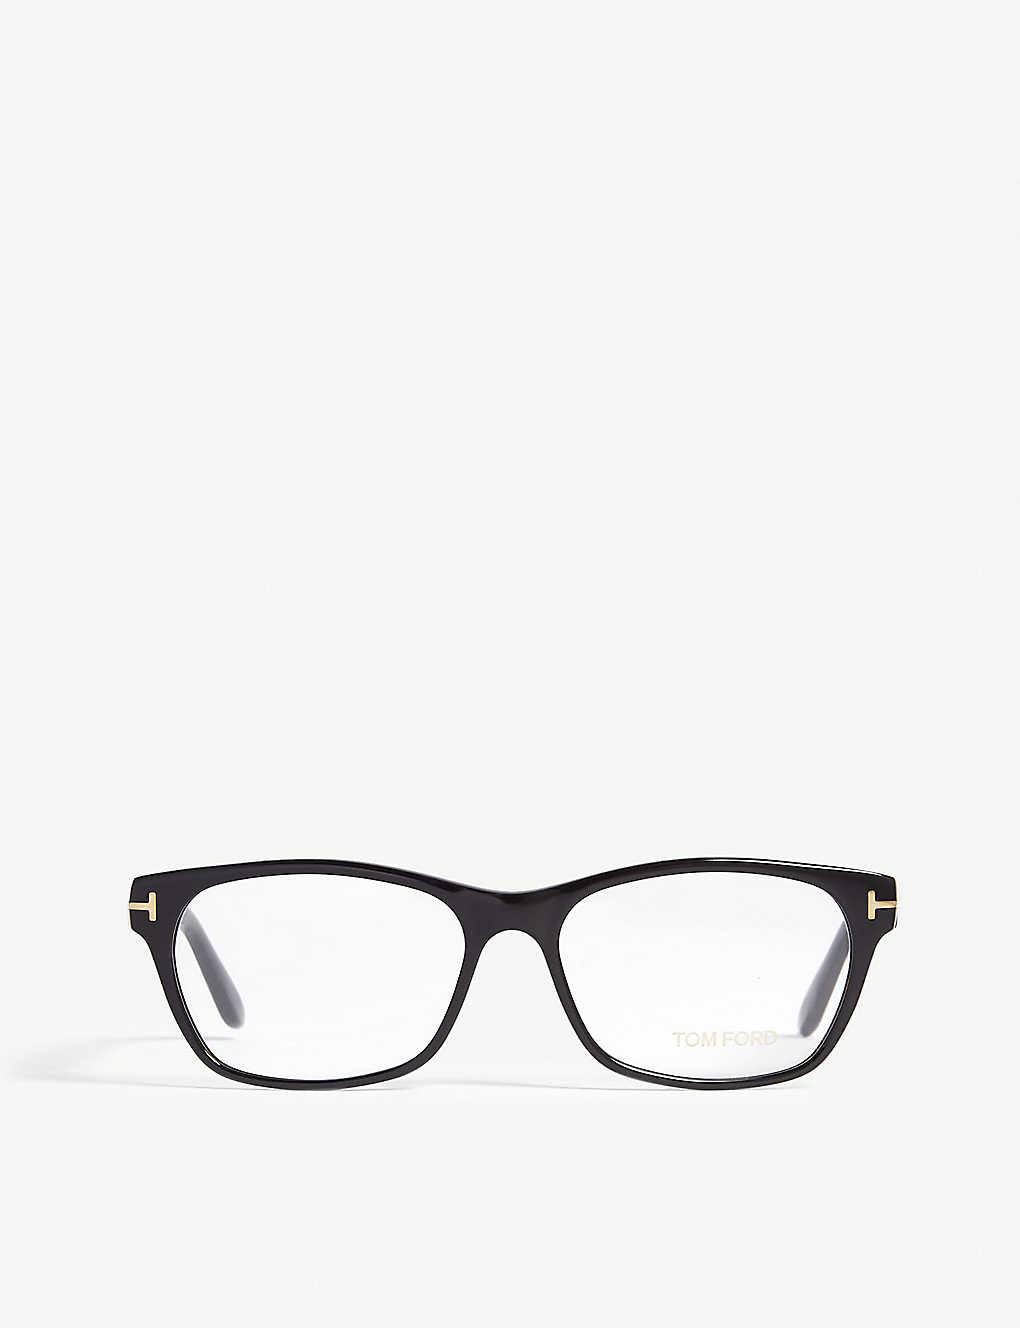 720ab4f326296 TOM FORD - FT5405 rectangle glasses